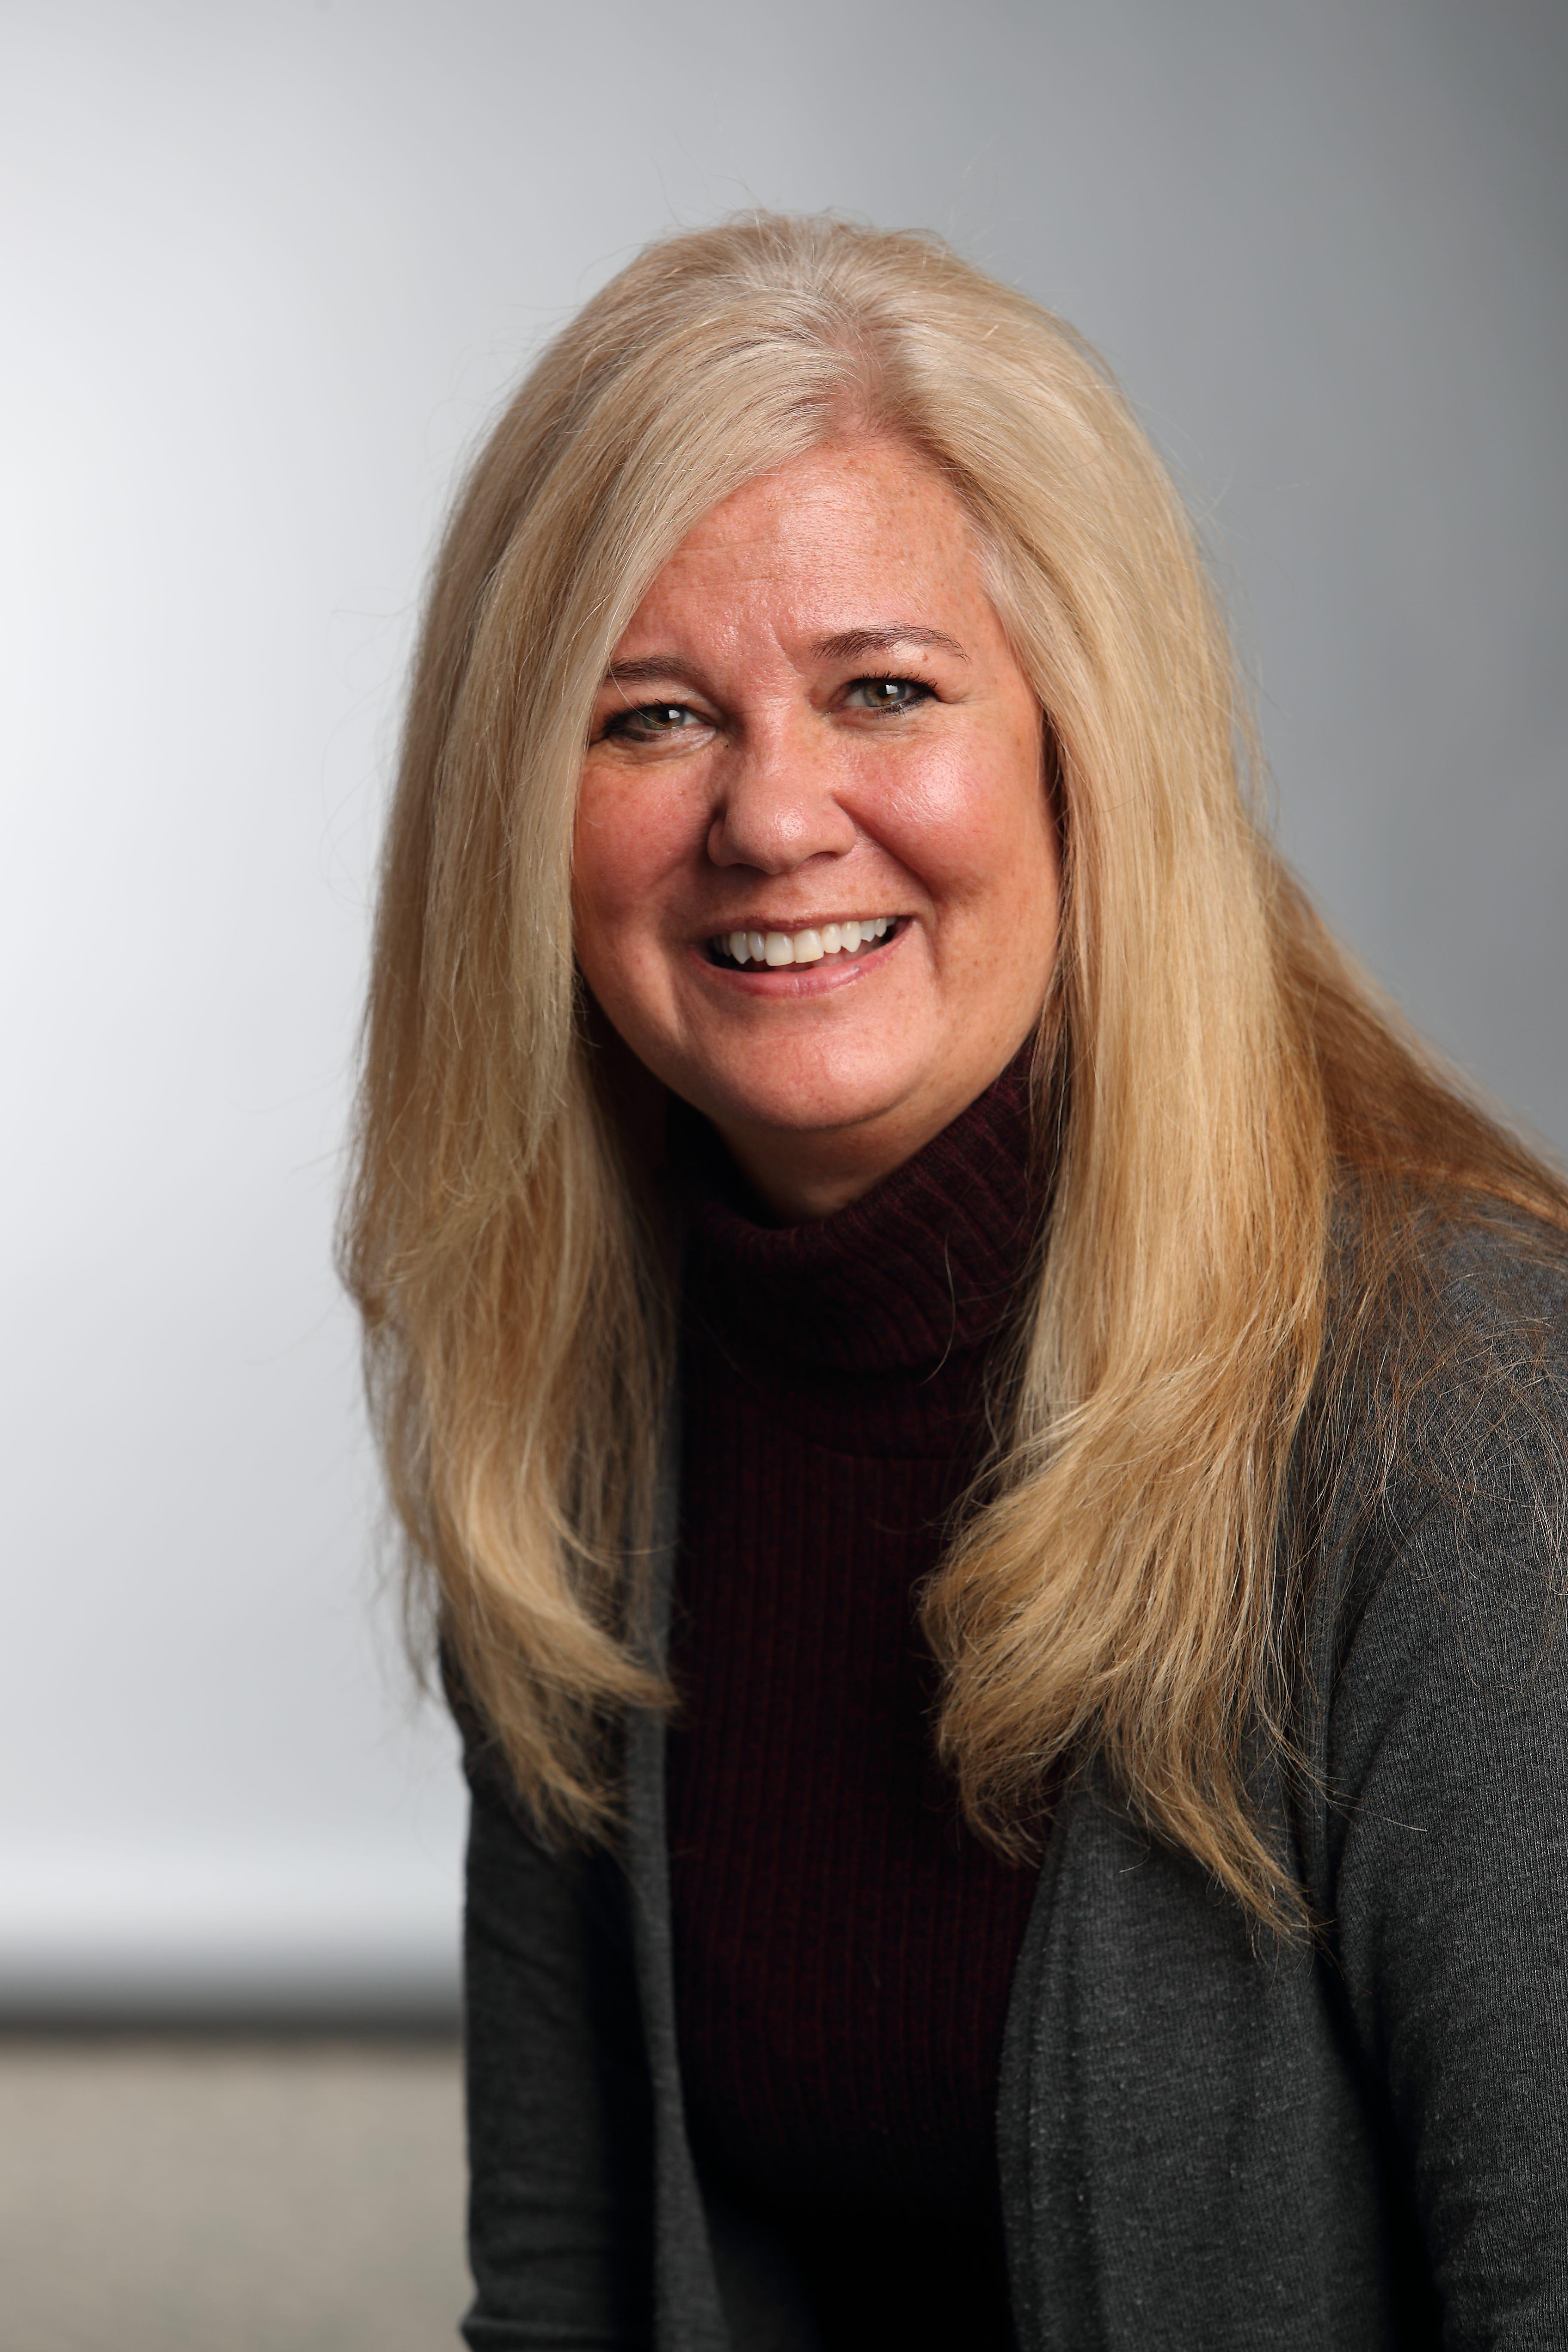 Beth O'Toole